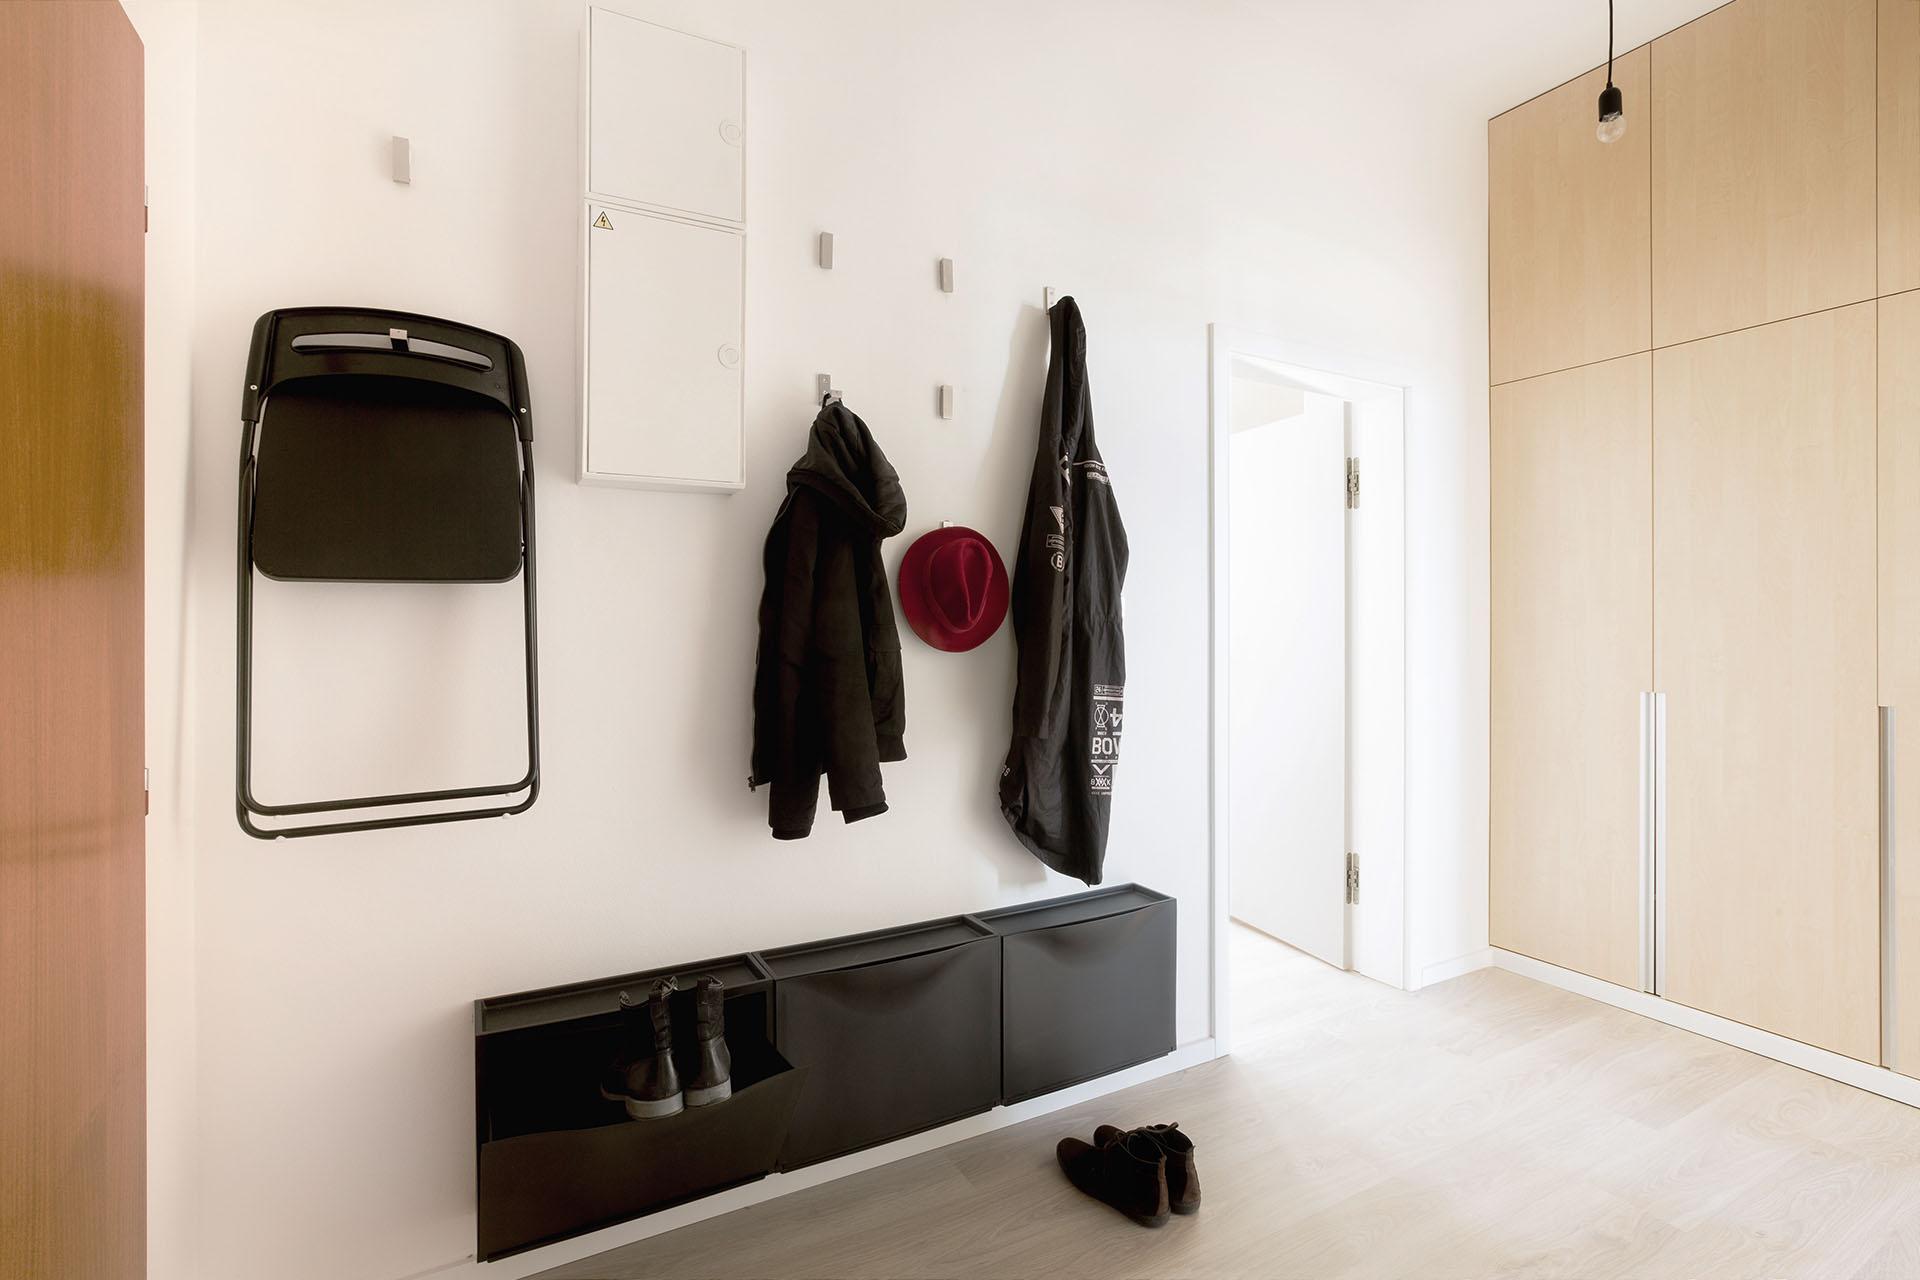 Vstupní hala bytu s háčky na oblečení a šatní skříní